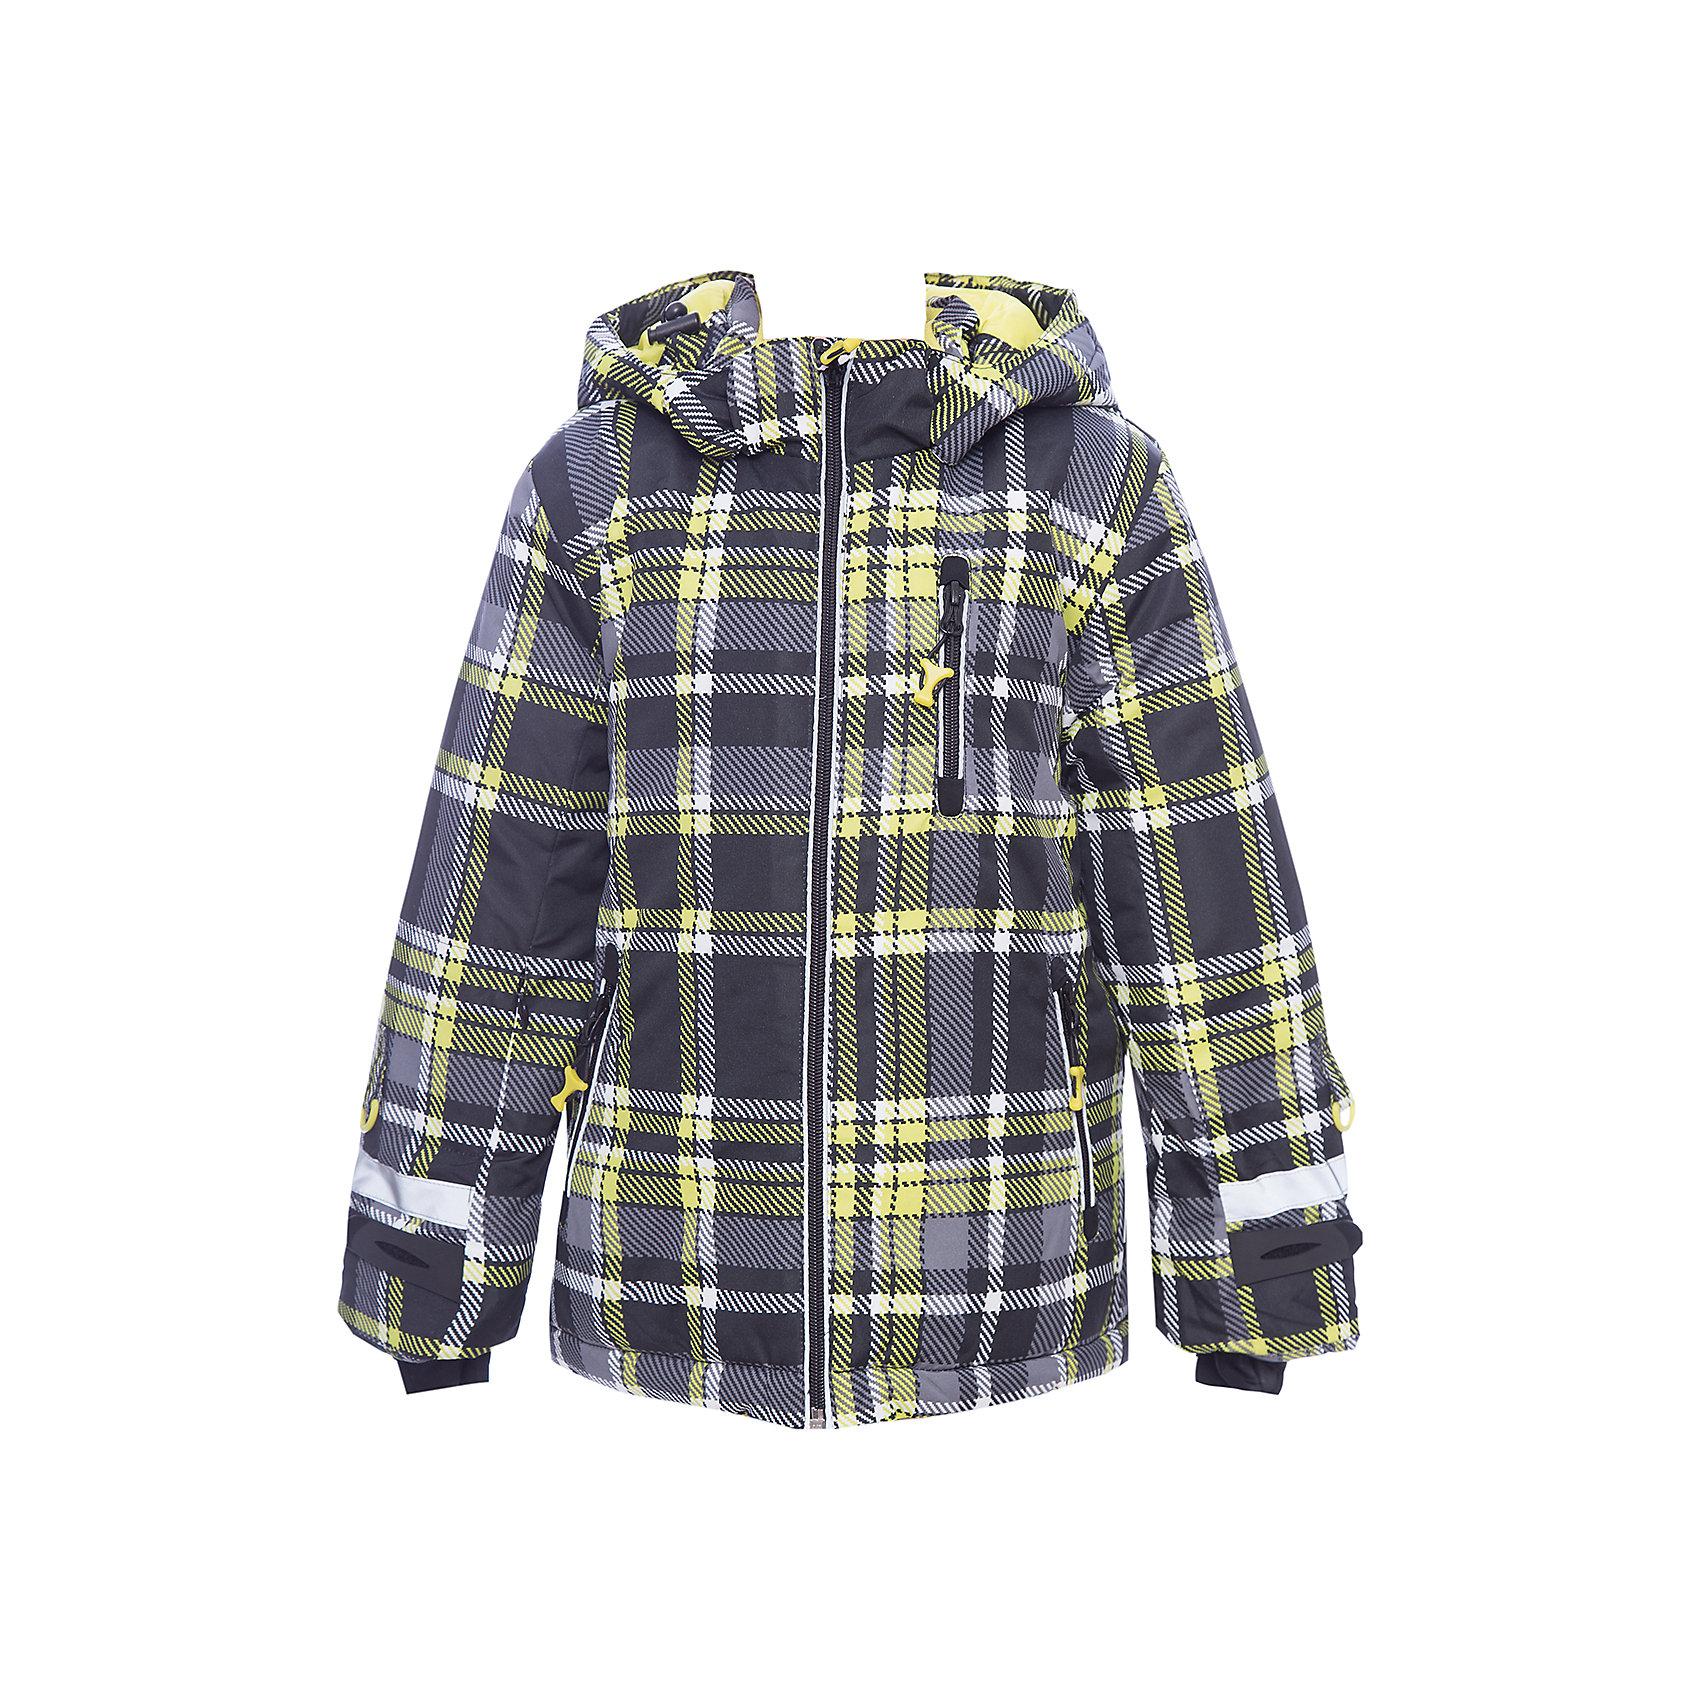 Куртка PlayToday для мальчикаДемисезонные куртки<br>Куртка PlayToday для мальчика<br>Теплая куртка отлично подойдет для катания со снежных гор! Модель из ткани с водоотталкивающей пропиткой. Капюшон на кнопках, по контуру дополнен регулируемым шнуром - кулиской. Специальные плотные манжеты с отверстием для большого пальца предохраняют от попадания снега. Куртка со снегозащитной юбкой. Подкладка из теплого флиса. Рукава дополнены специальными кольцами для перчаток, предусмотрен вшивной карман для ski pass. Светоотражающие элементы позволят видеть ребенка в темное время суток. Застежки для манжетов из плотного силикона для дополнительного сохранения тепла.<br>Состав:<br>Верх: 100% полиэстер, Подкладка: 100% полиэстер, Наполнитель: 100% полиэстер, 300 г/м2<br><br>Ширина мм: 356<br>Глубина мм: 10<br>Высота мм: 245<br>Вес г: 519<br>Цвет: белый<br>Возраст от месяцев: 48<br>Возраст до месяцев: 60<br>Пол: Мужской<br>Возраст: Детский<br>Размер: 110,140,98,104,116,122,128,134<br>SKU: 7111220